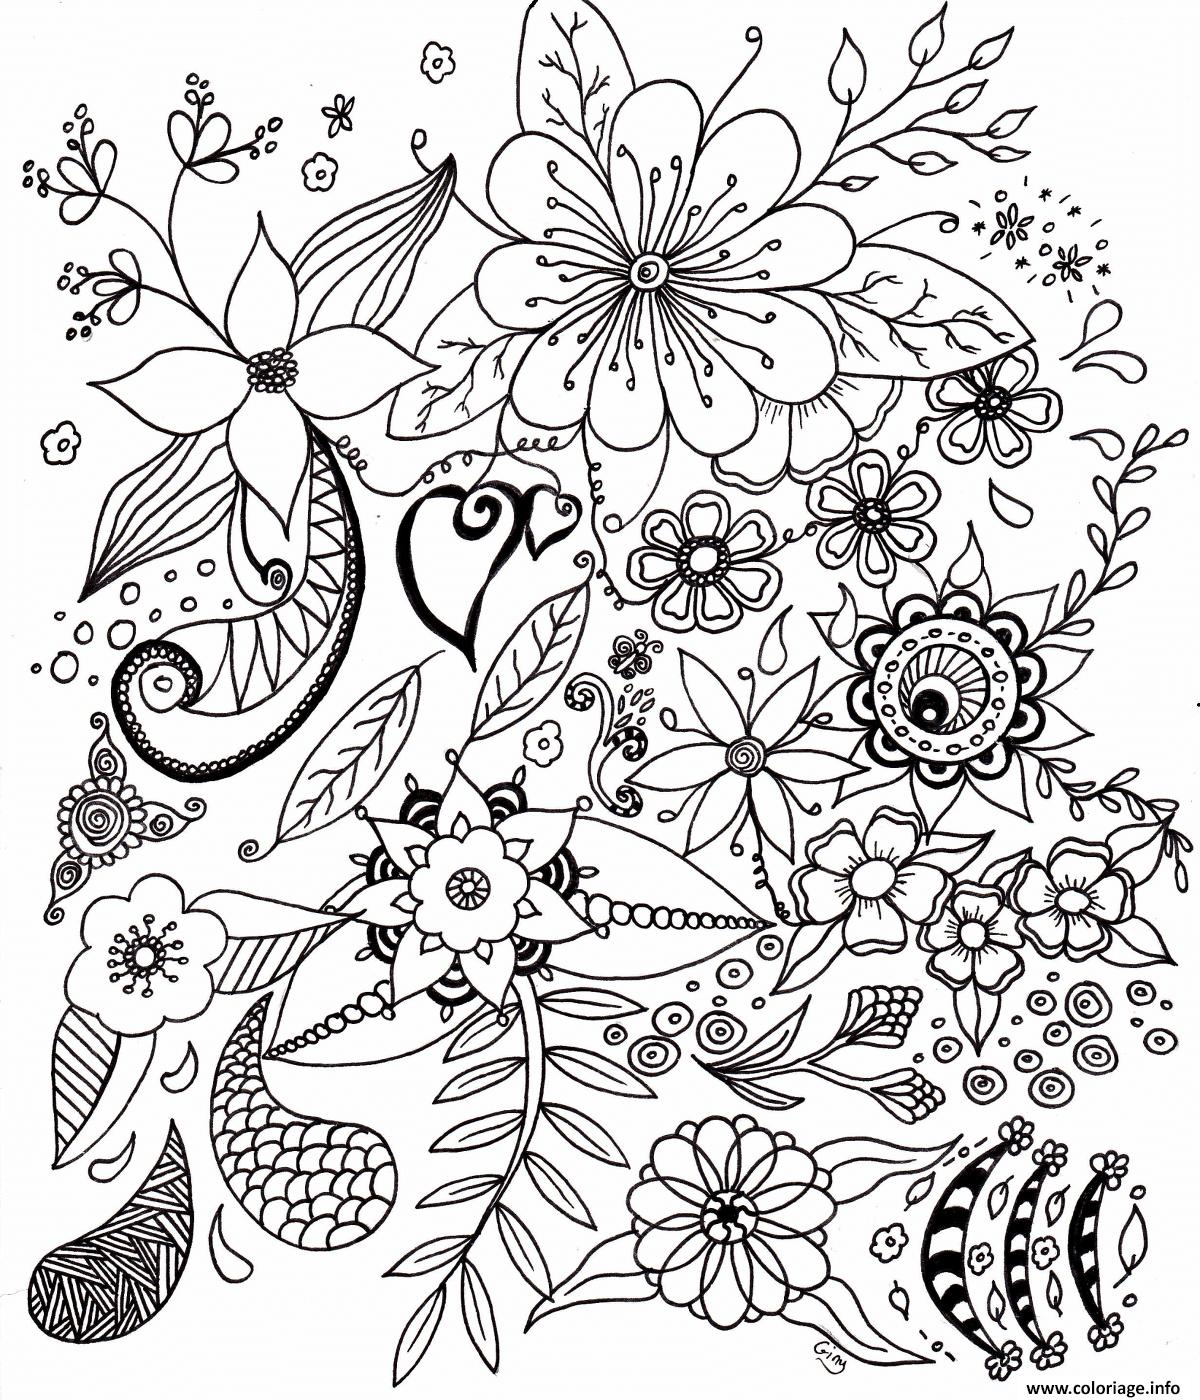 Coloriage Fleurs Simples Pour Adulte Jecolorie Com